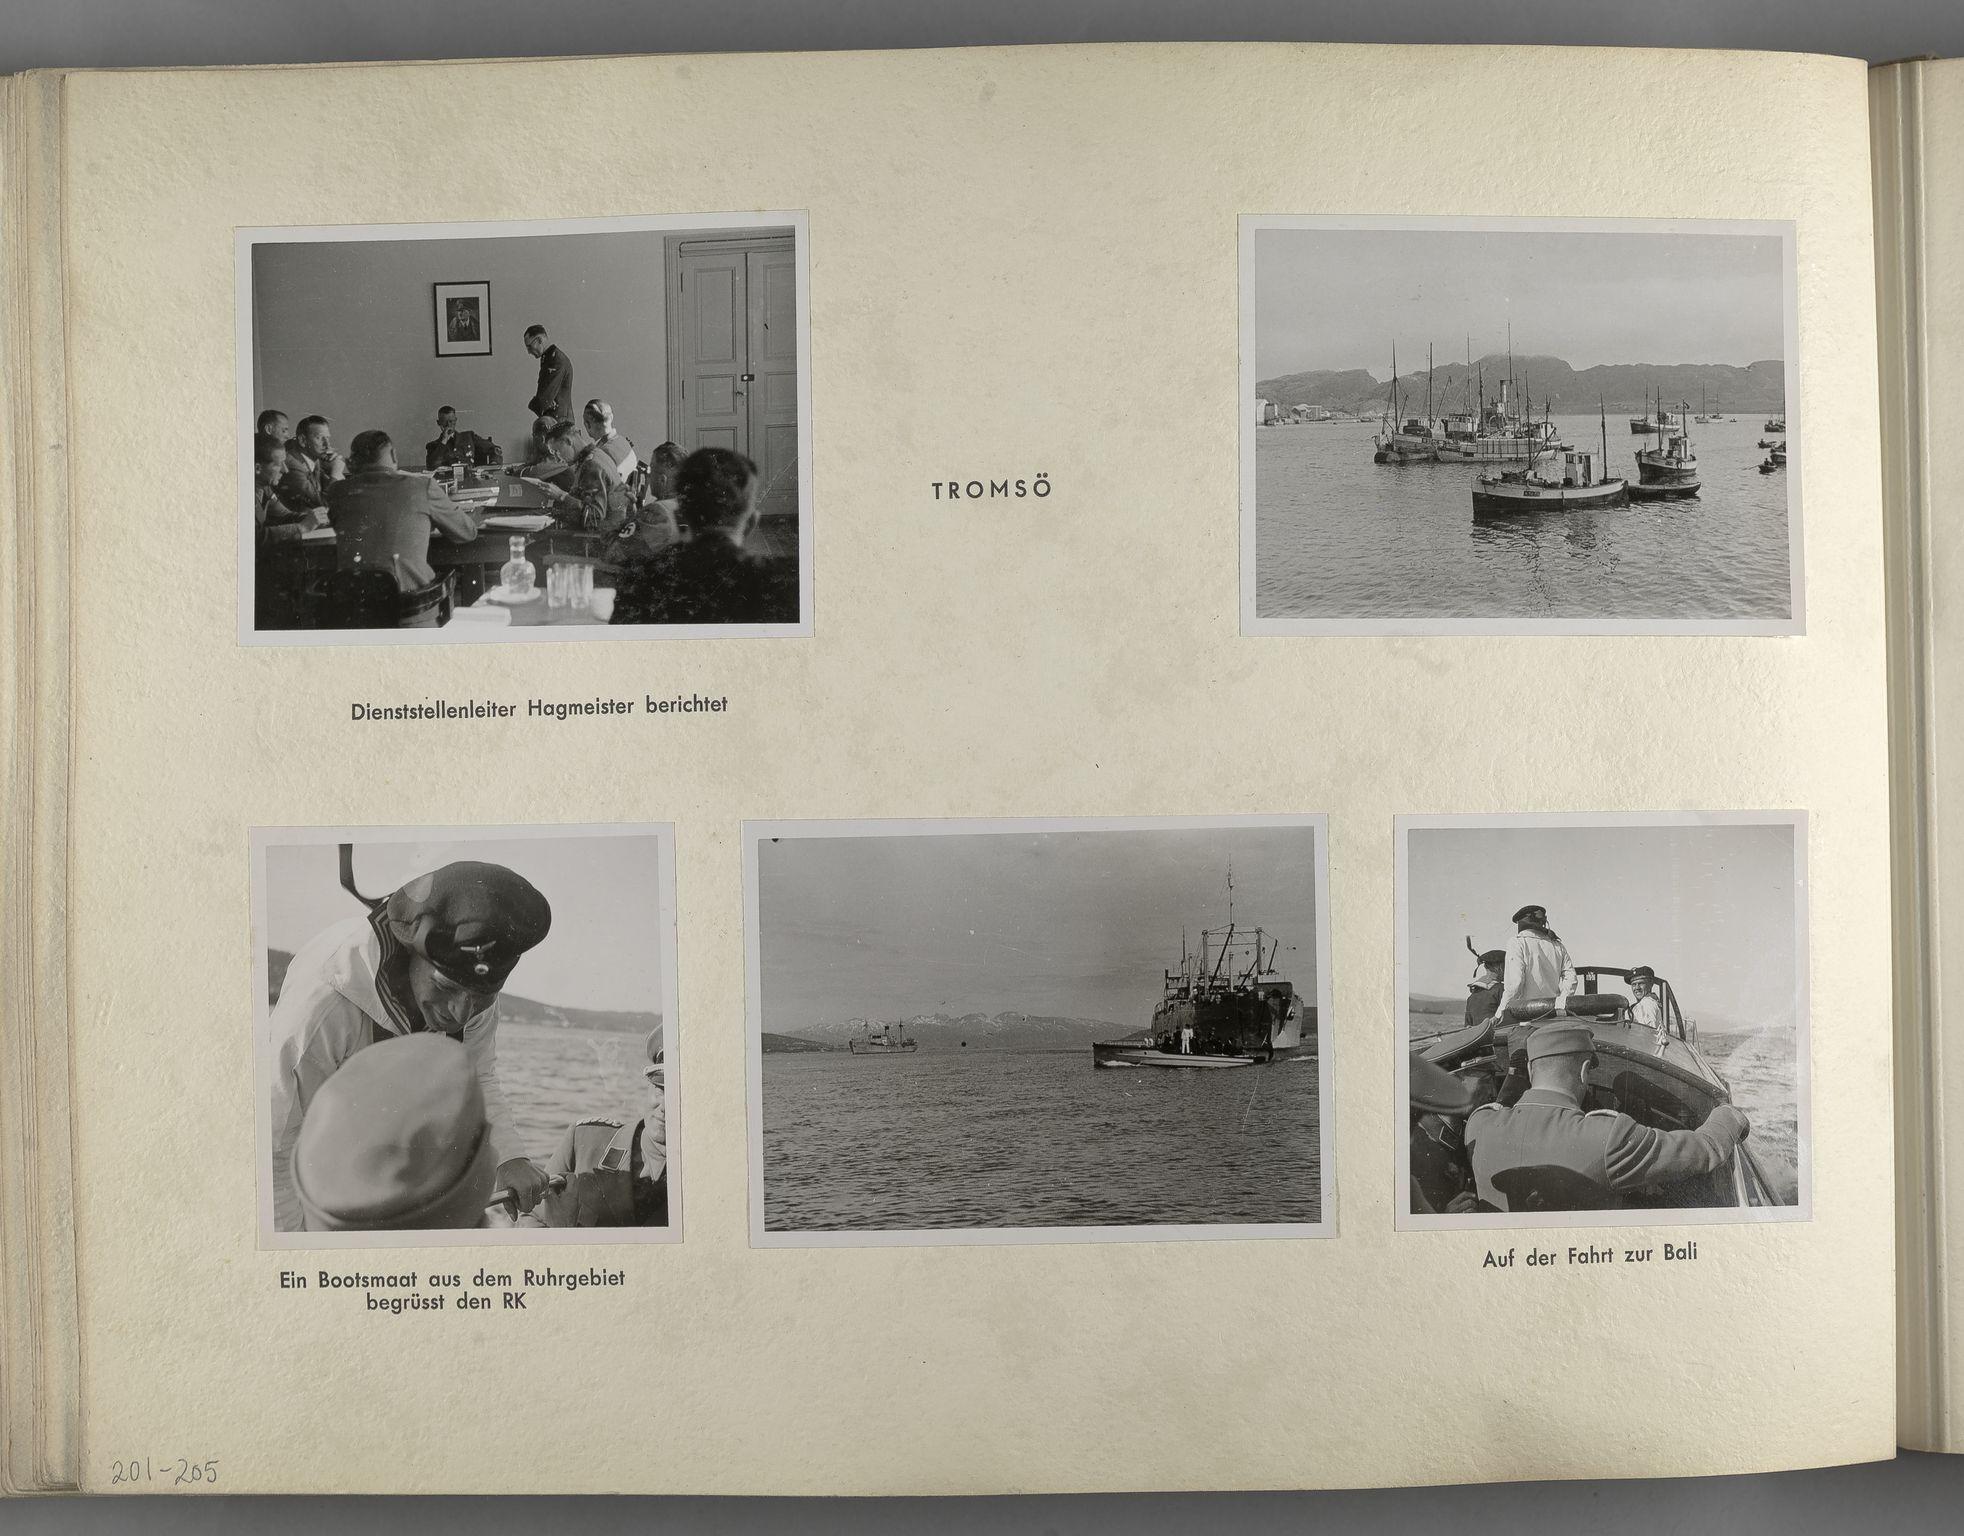 RA, Tyske arkiver, Reichskommissariat, Bildarchiv, U/L0071: Fotoalbum: Mit dem Reichskommissar nach Nordnorwegen und Finnland 10. bis 27. Juli 1942, 1942, s. 84